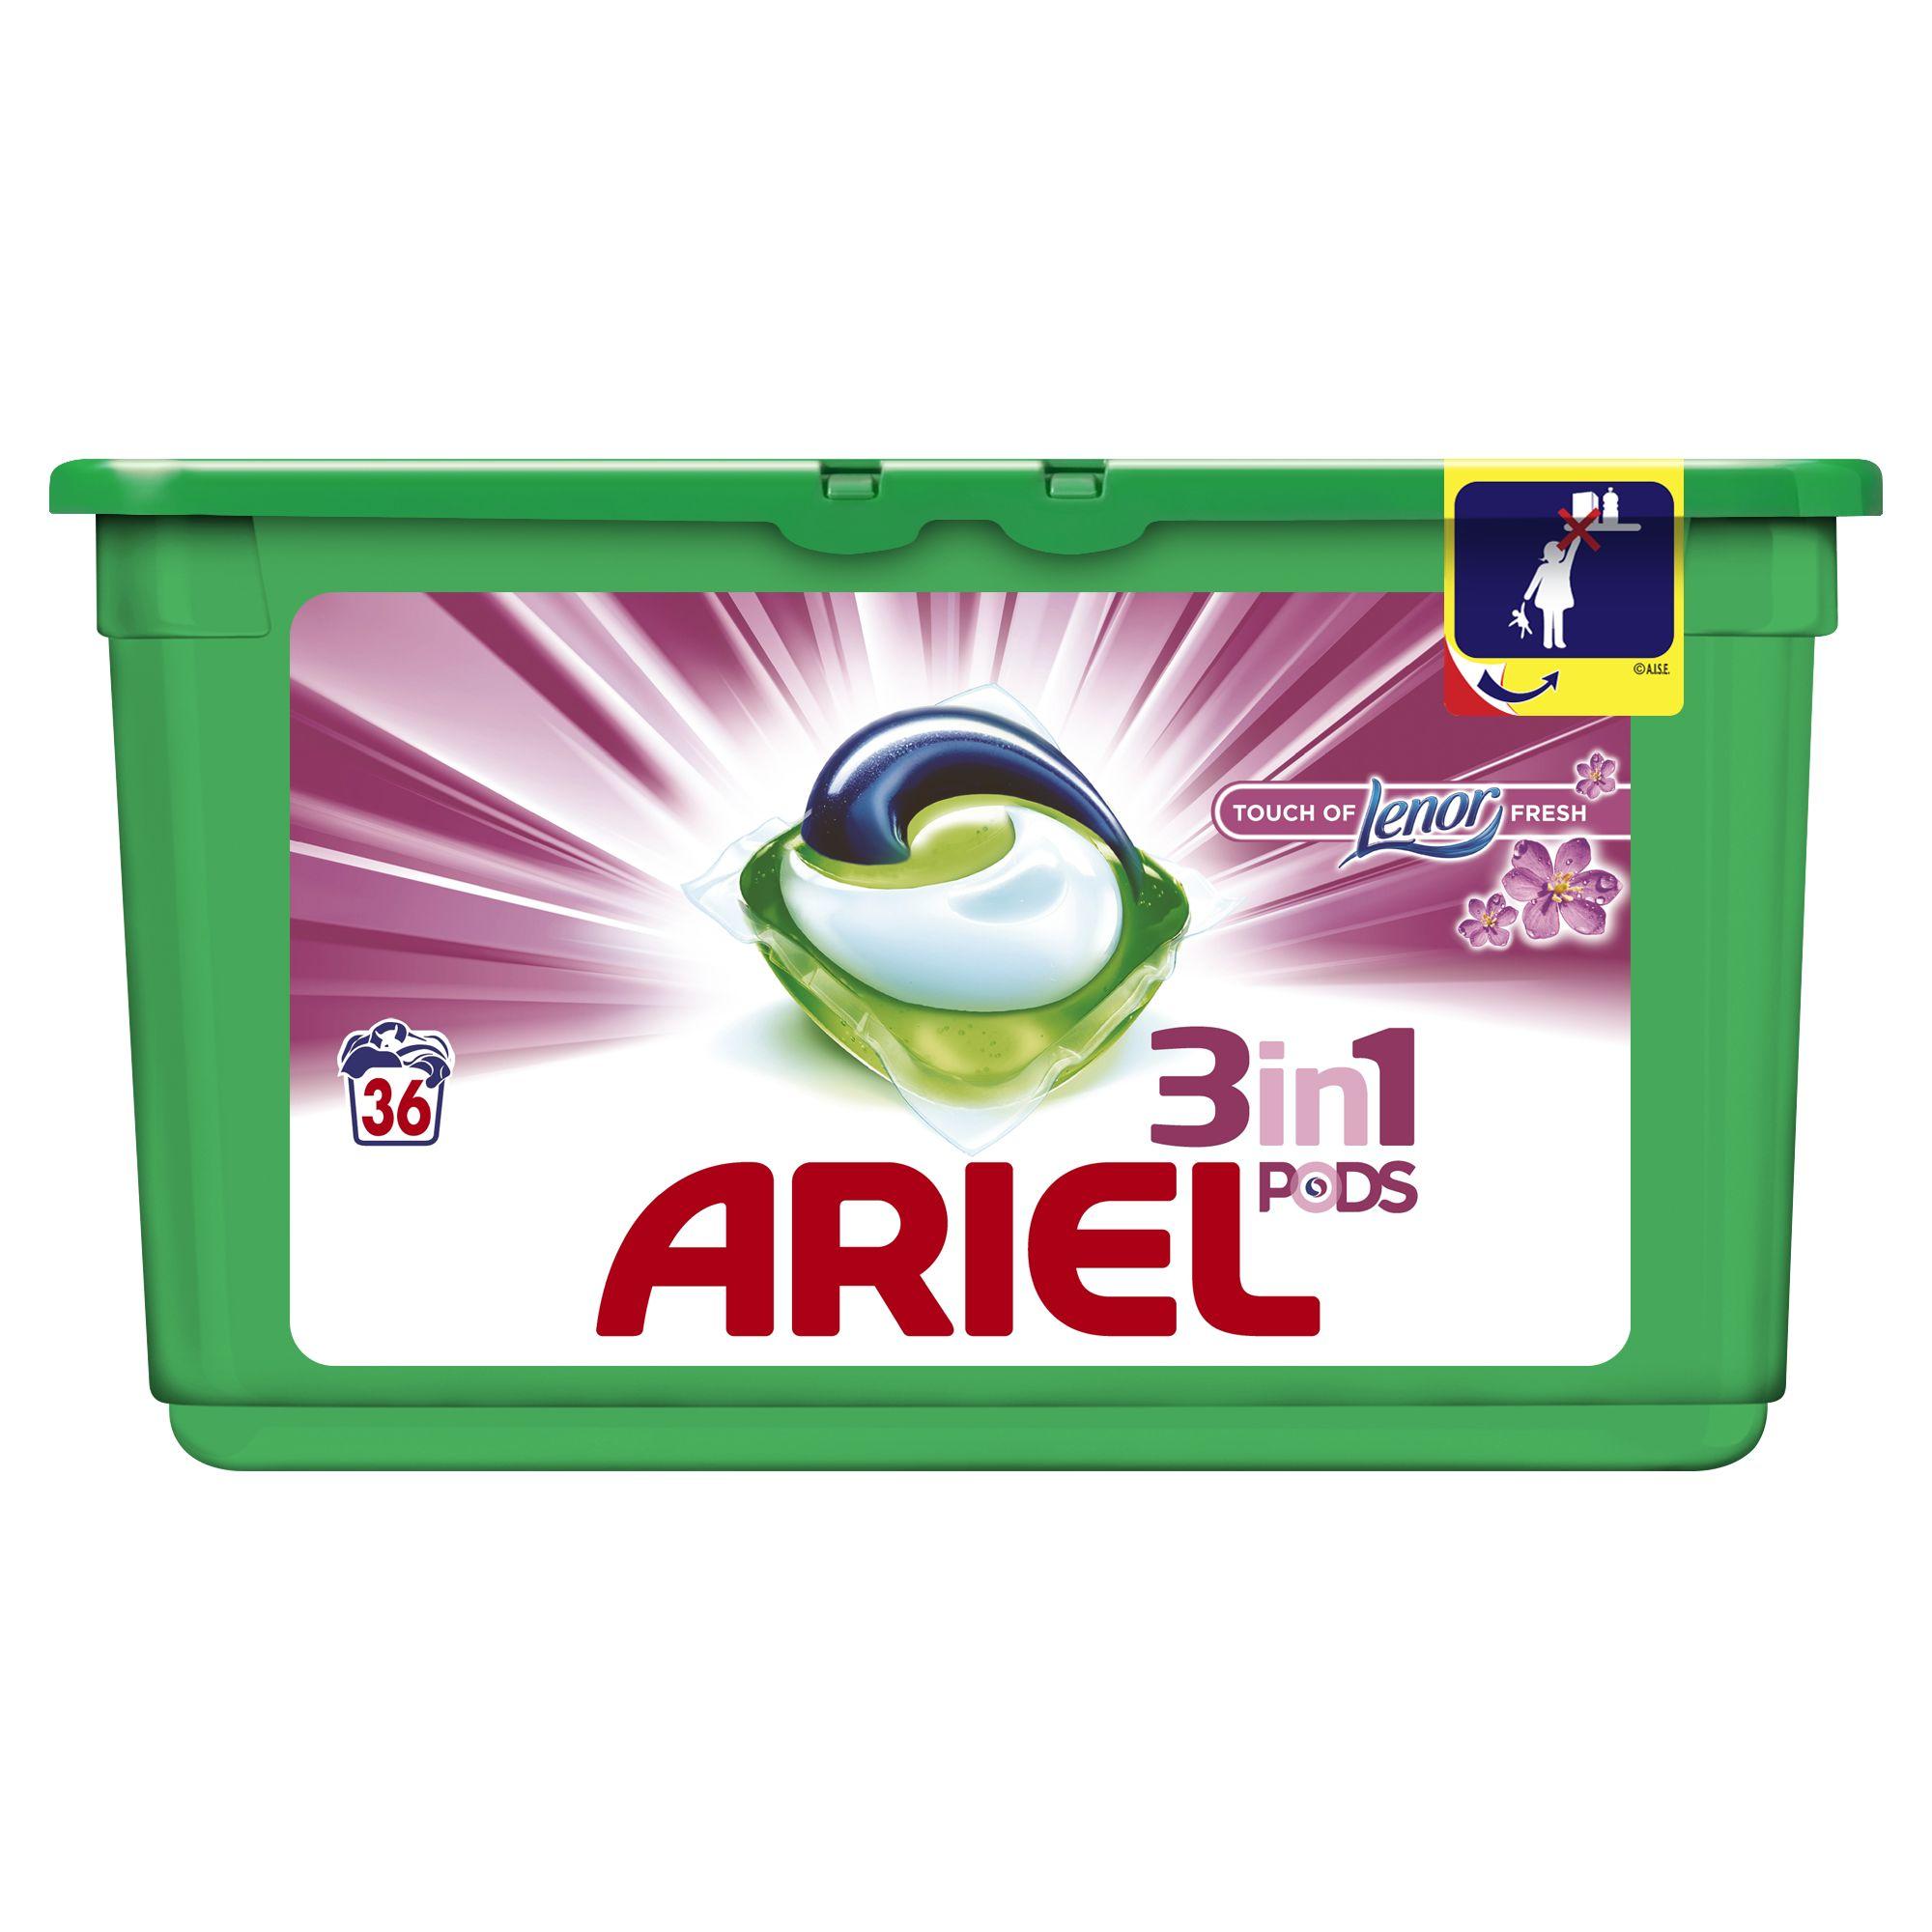 Ariel 3v1 Touch of Lenor gelové kapsle, 36 praní 36 ks